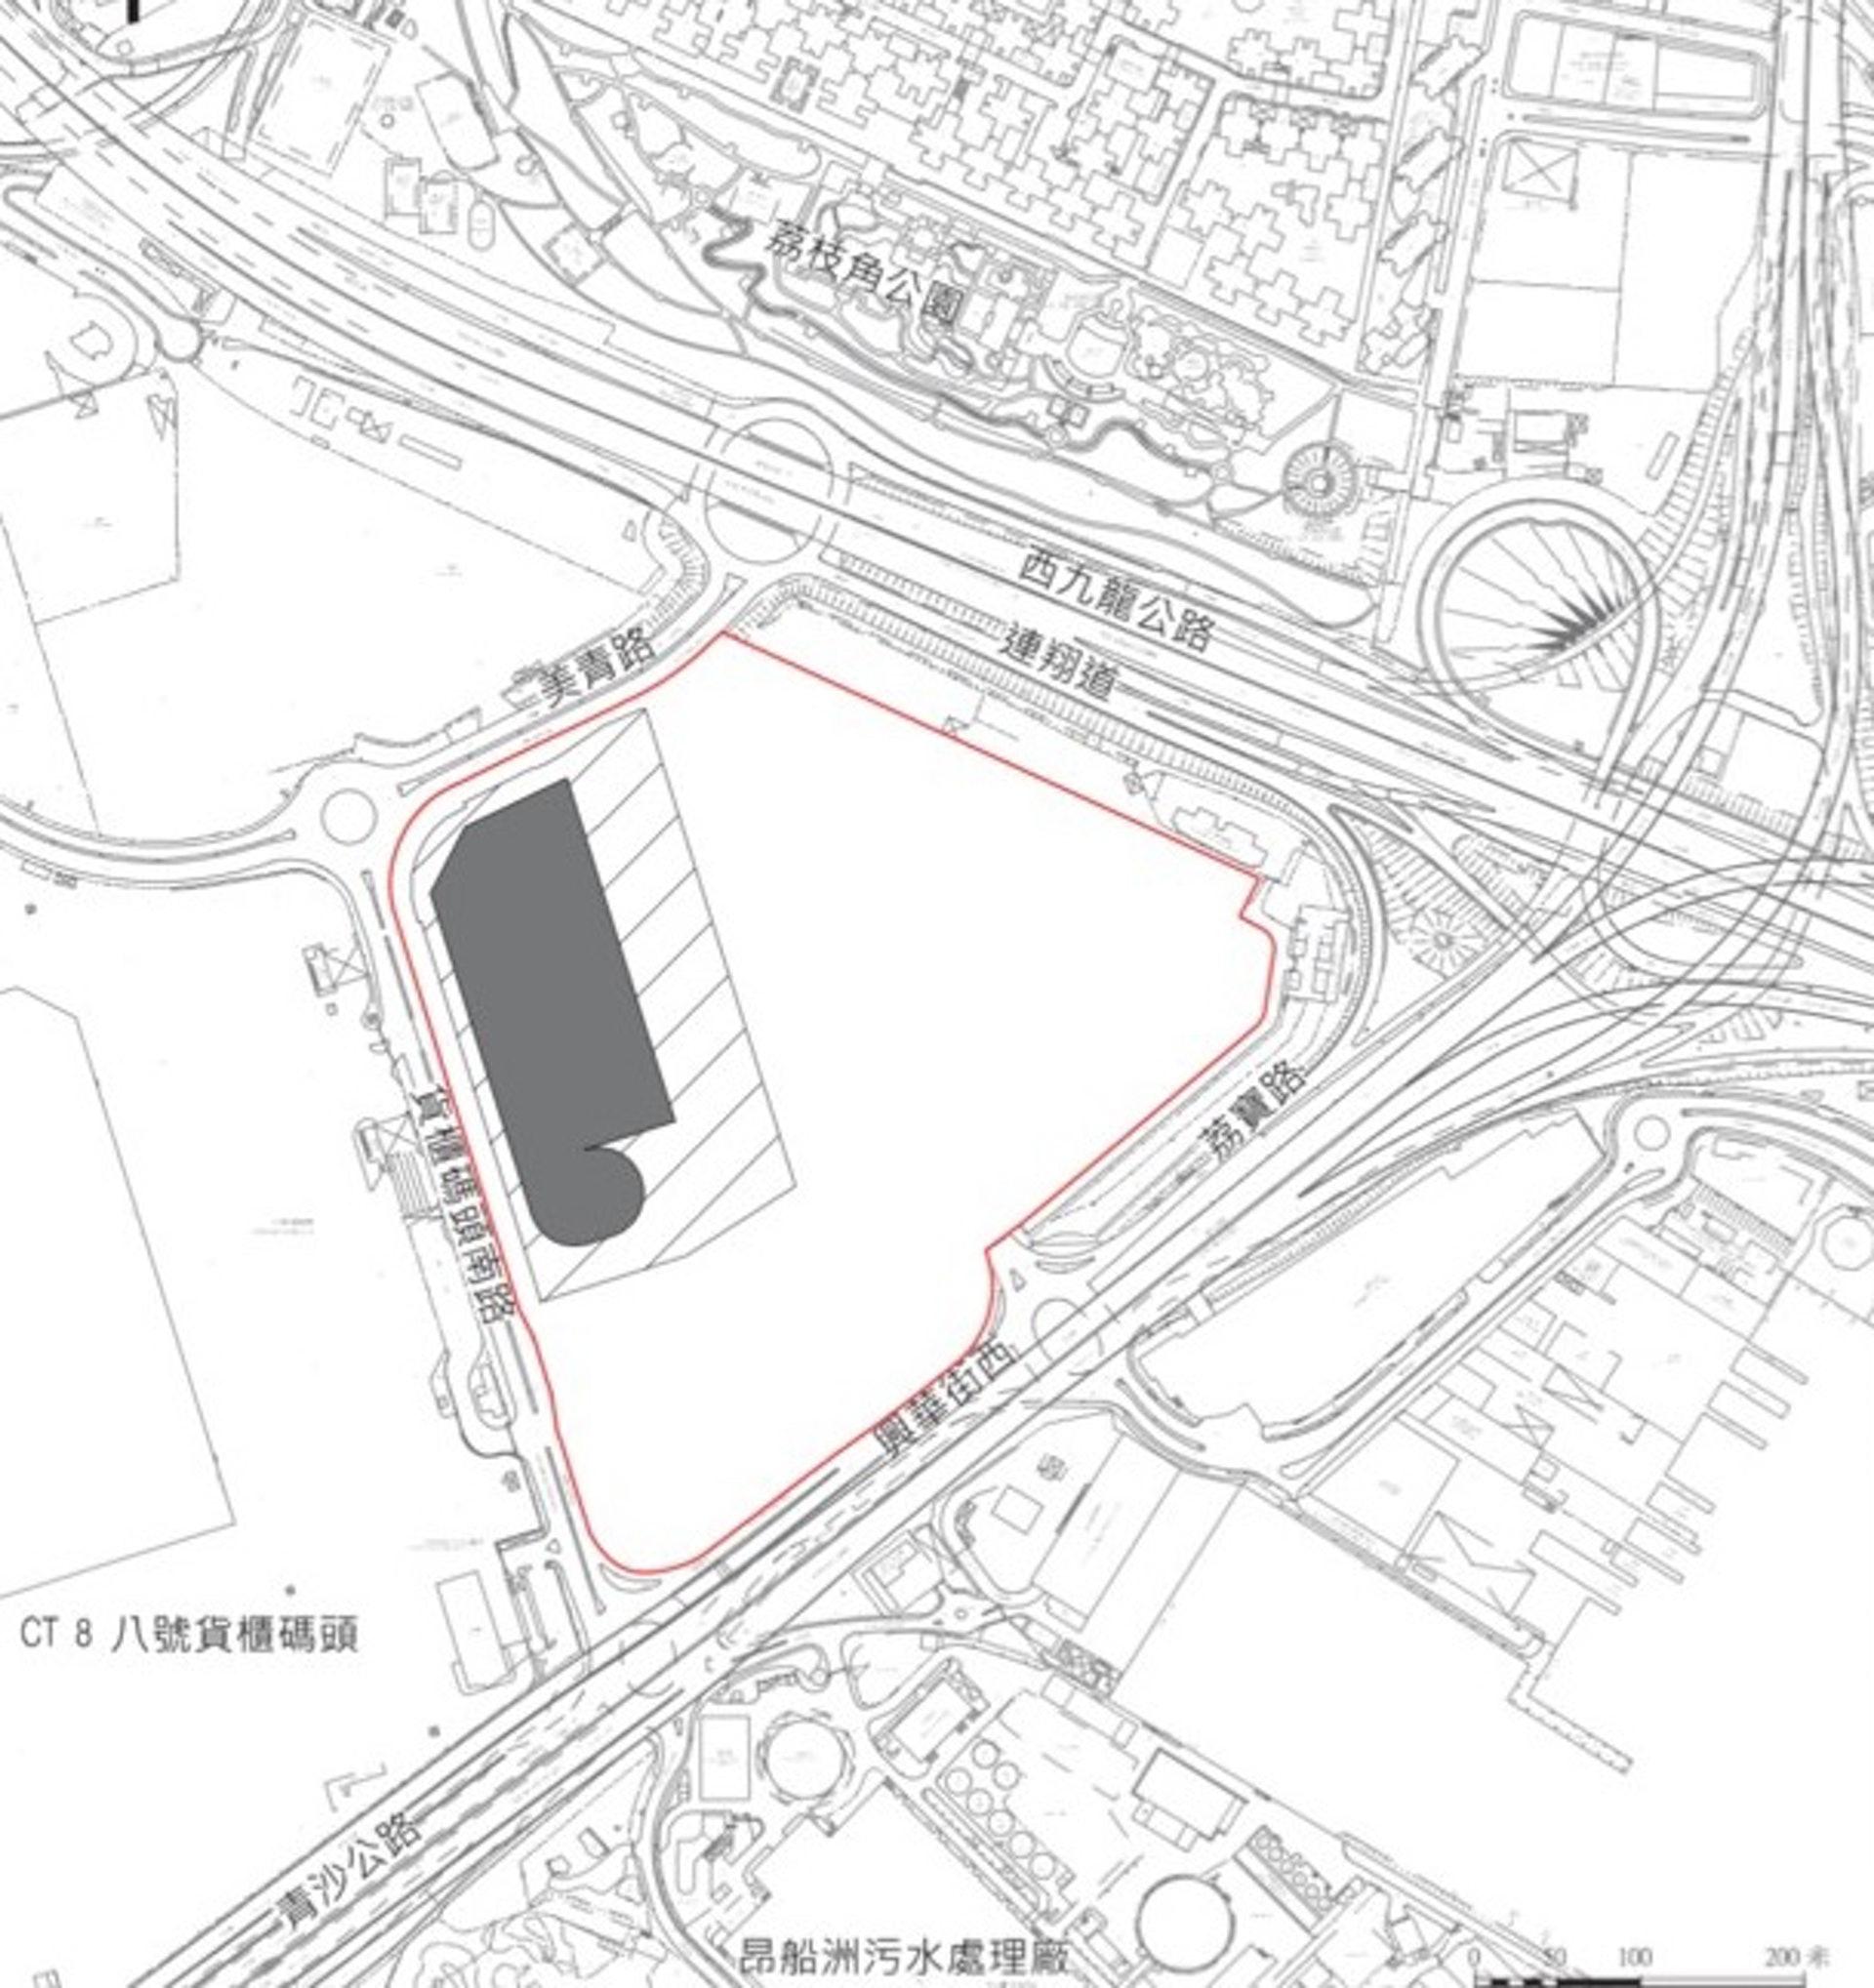 葵涌貨櫃儲存及貨物處理多層綜合大樓建議設計方案。(區議會文件)